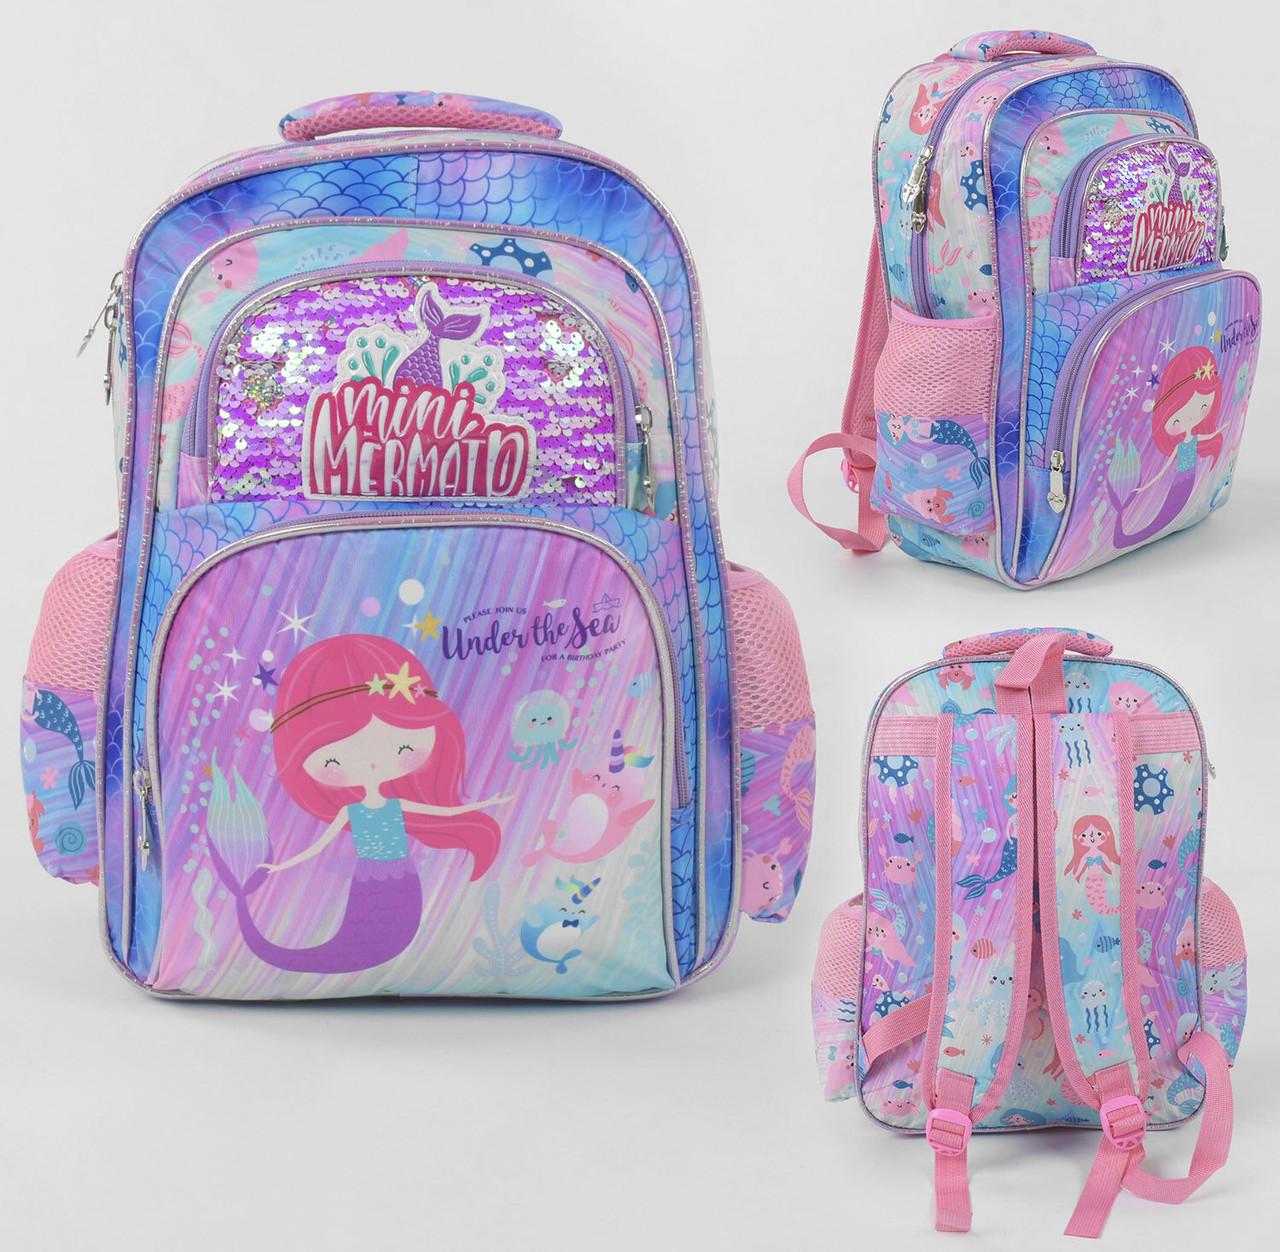 Рюкзак школьный пайетки, 1 отделение, 2 кармана, мягкая спинка, в пакете.